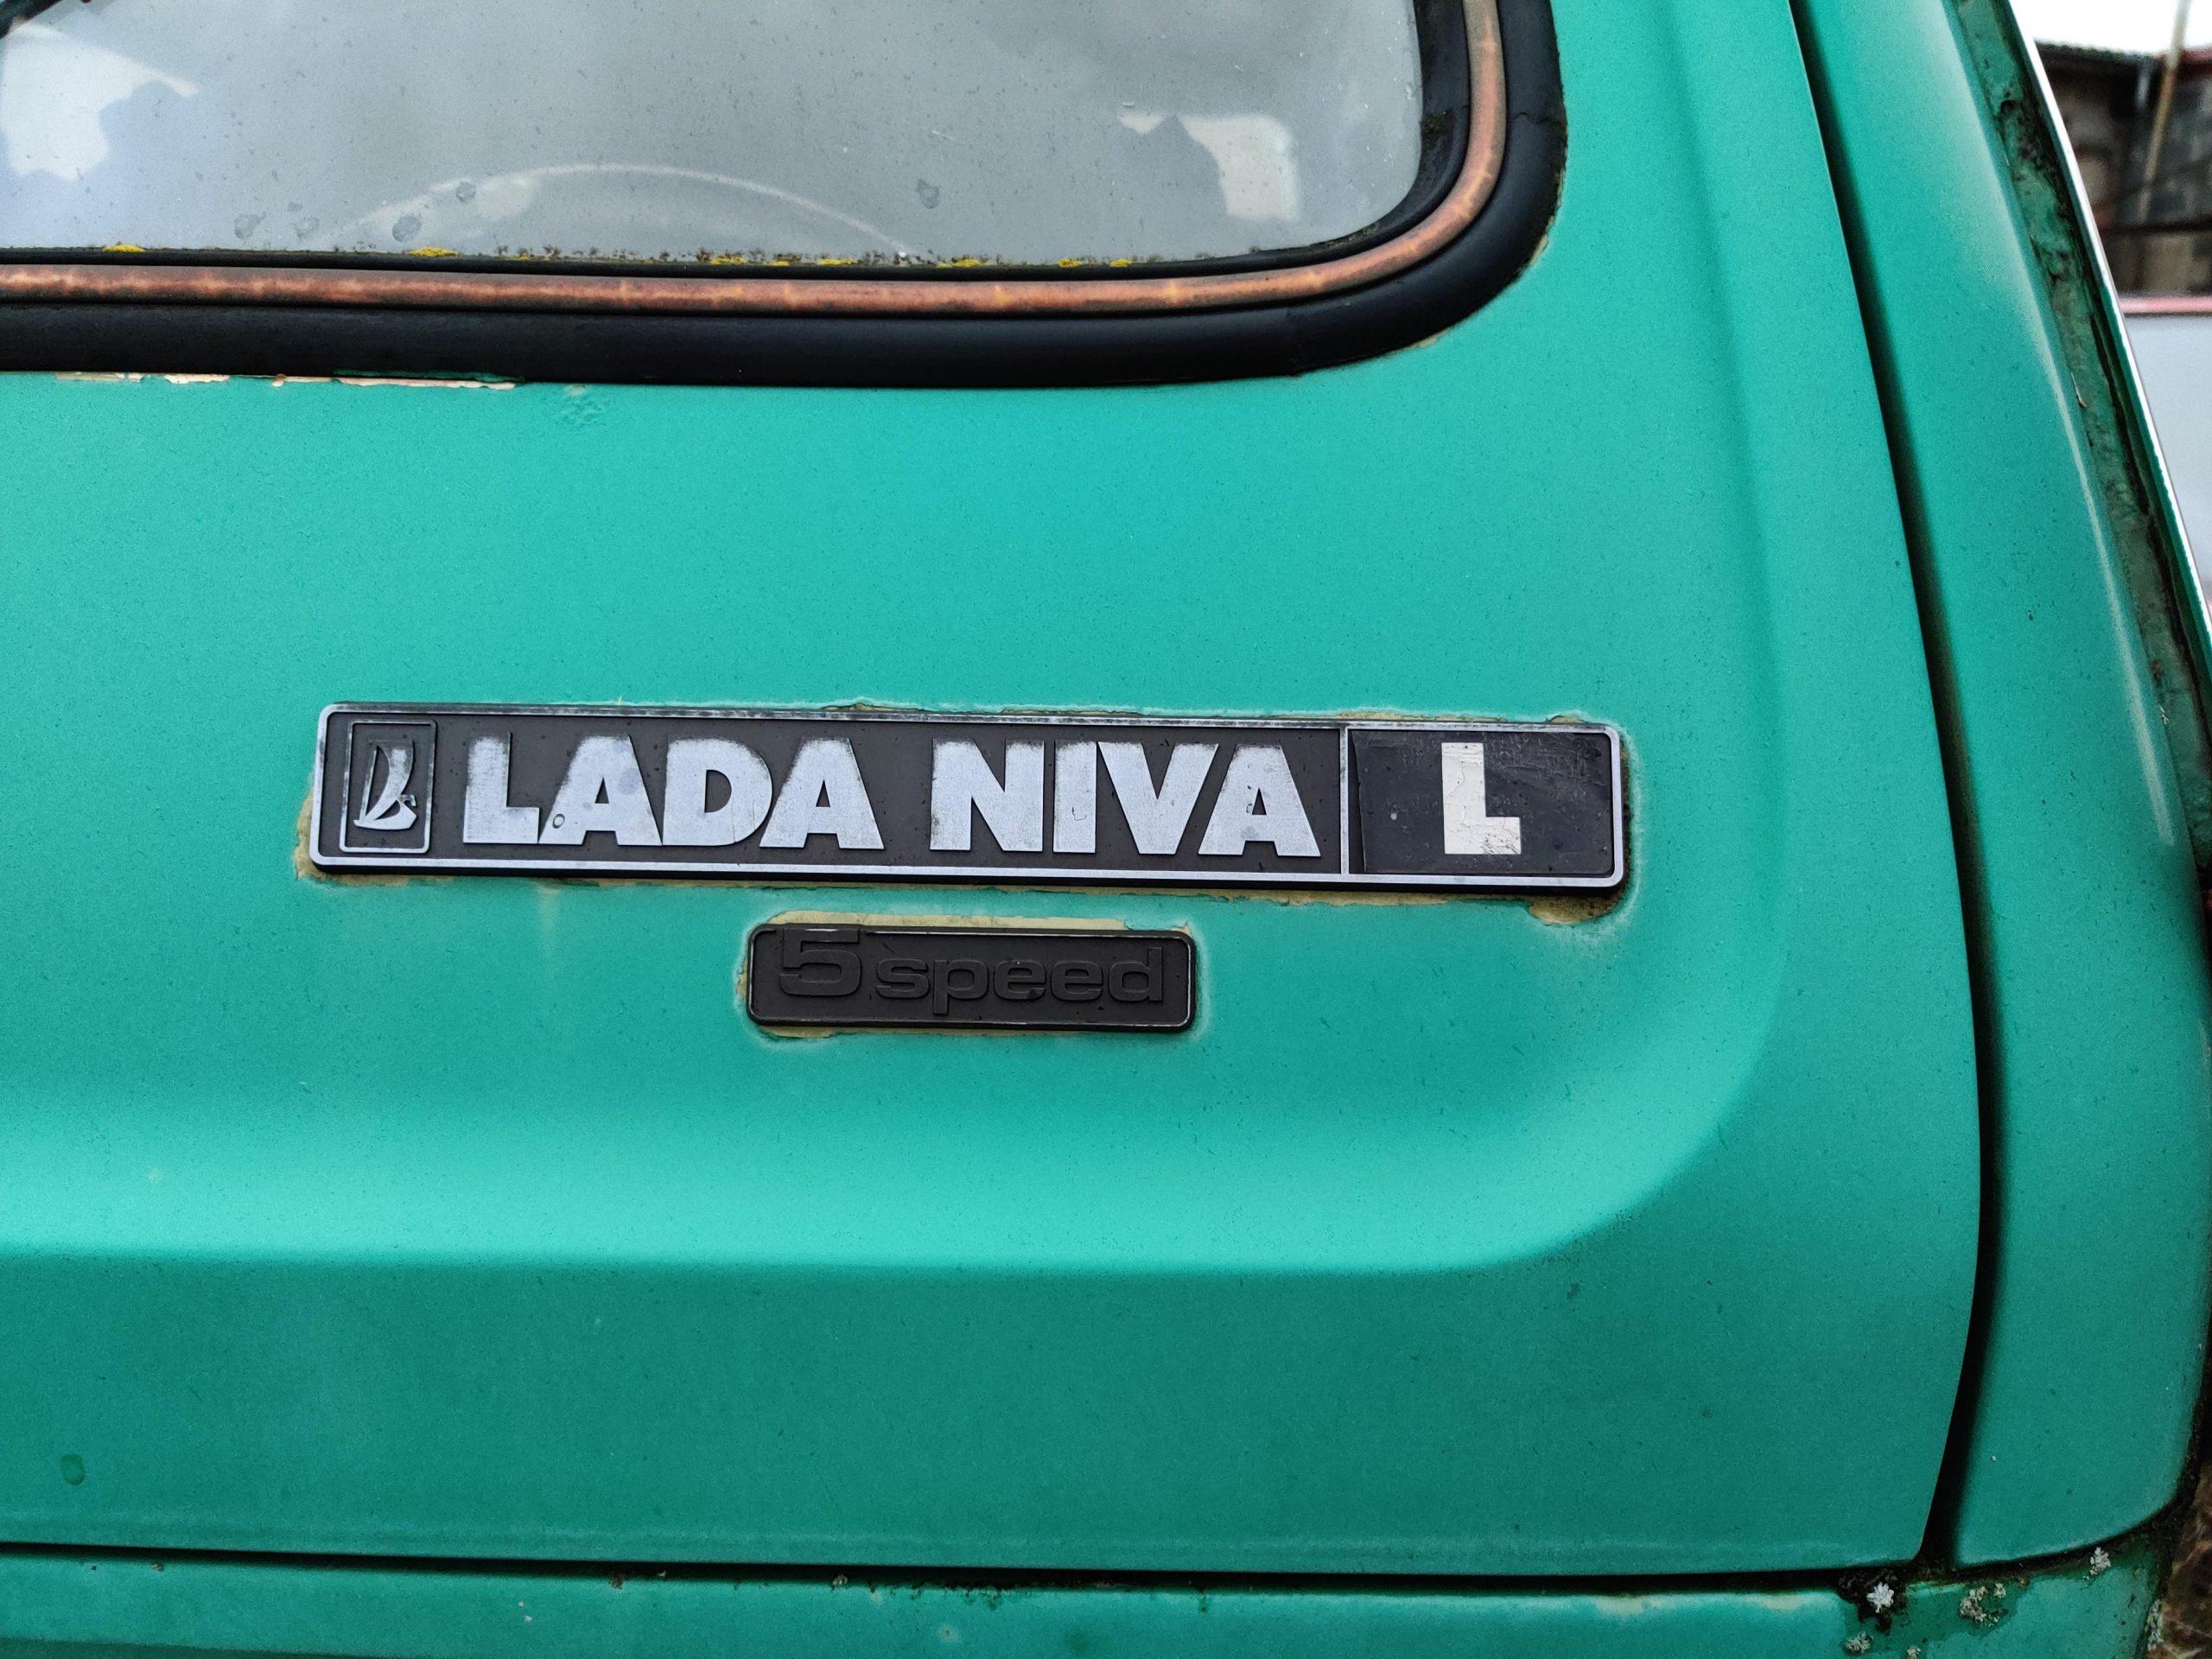 teal lada niva L trunk rear